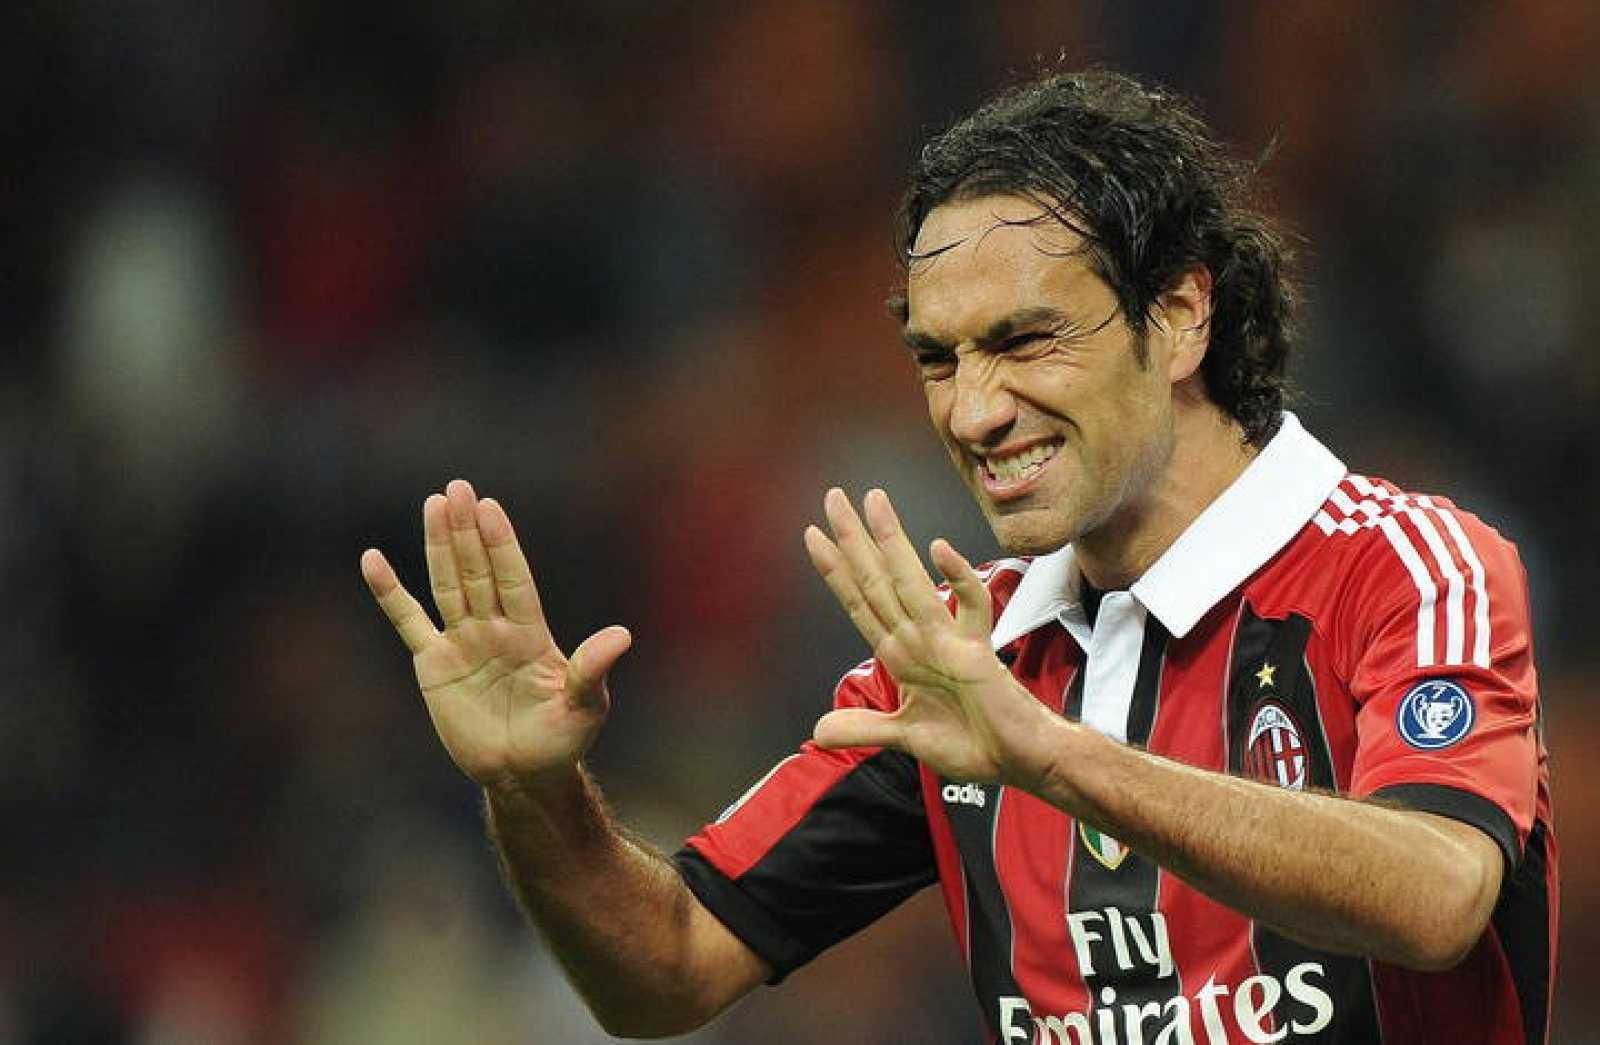 El jugador del Milan, Alessandro Nesta.